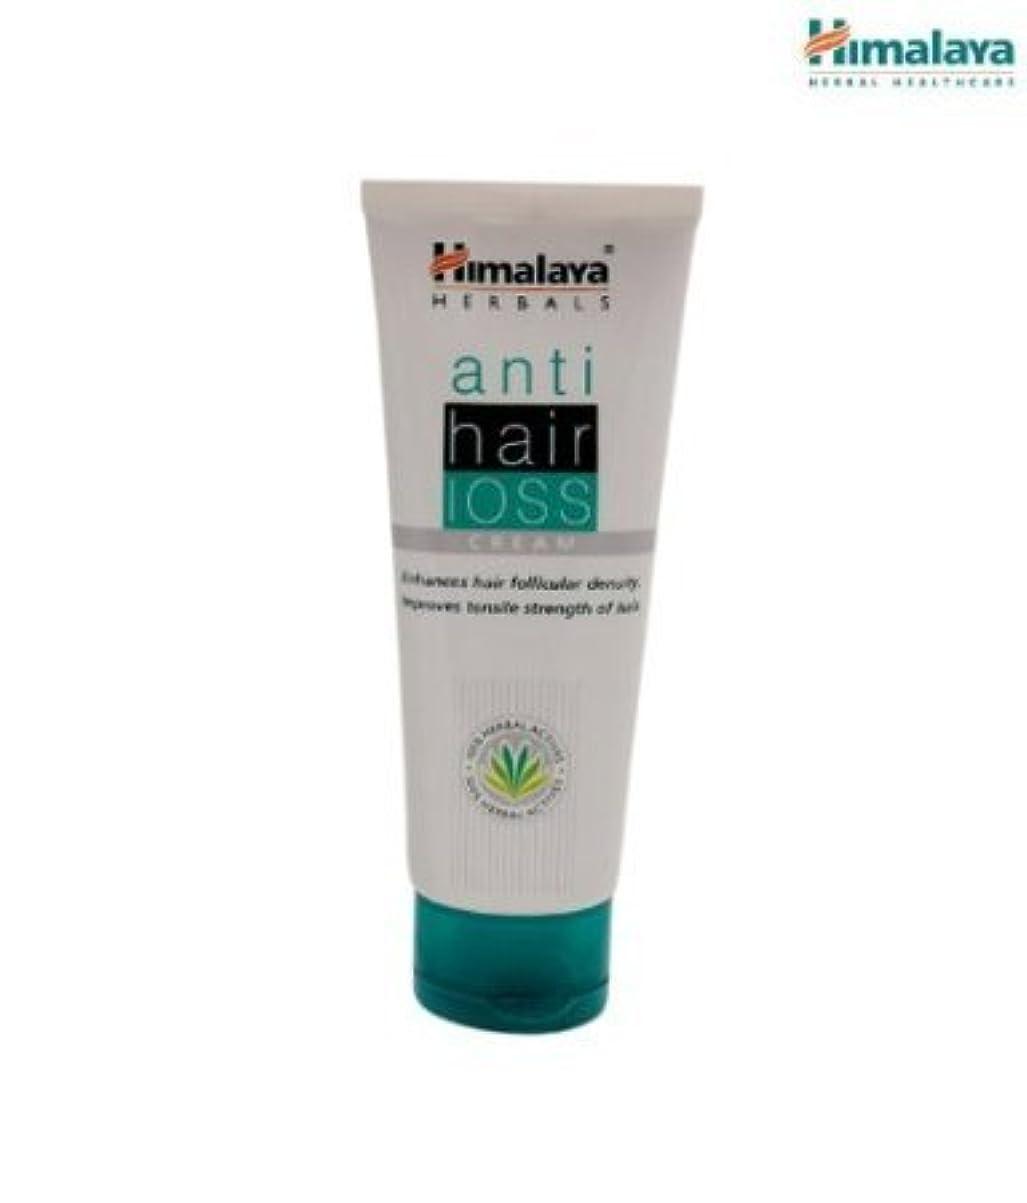 石化する不従順過言Himalaya Anti Hair Loss Cream - 100ml